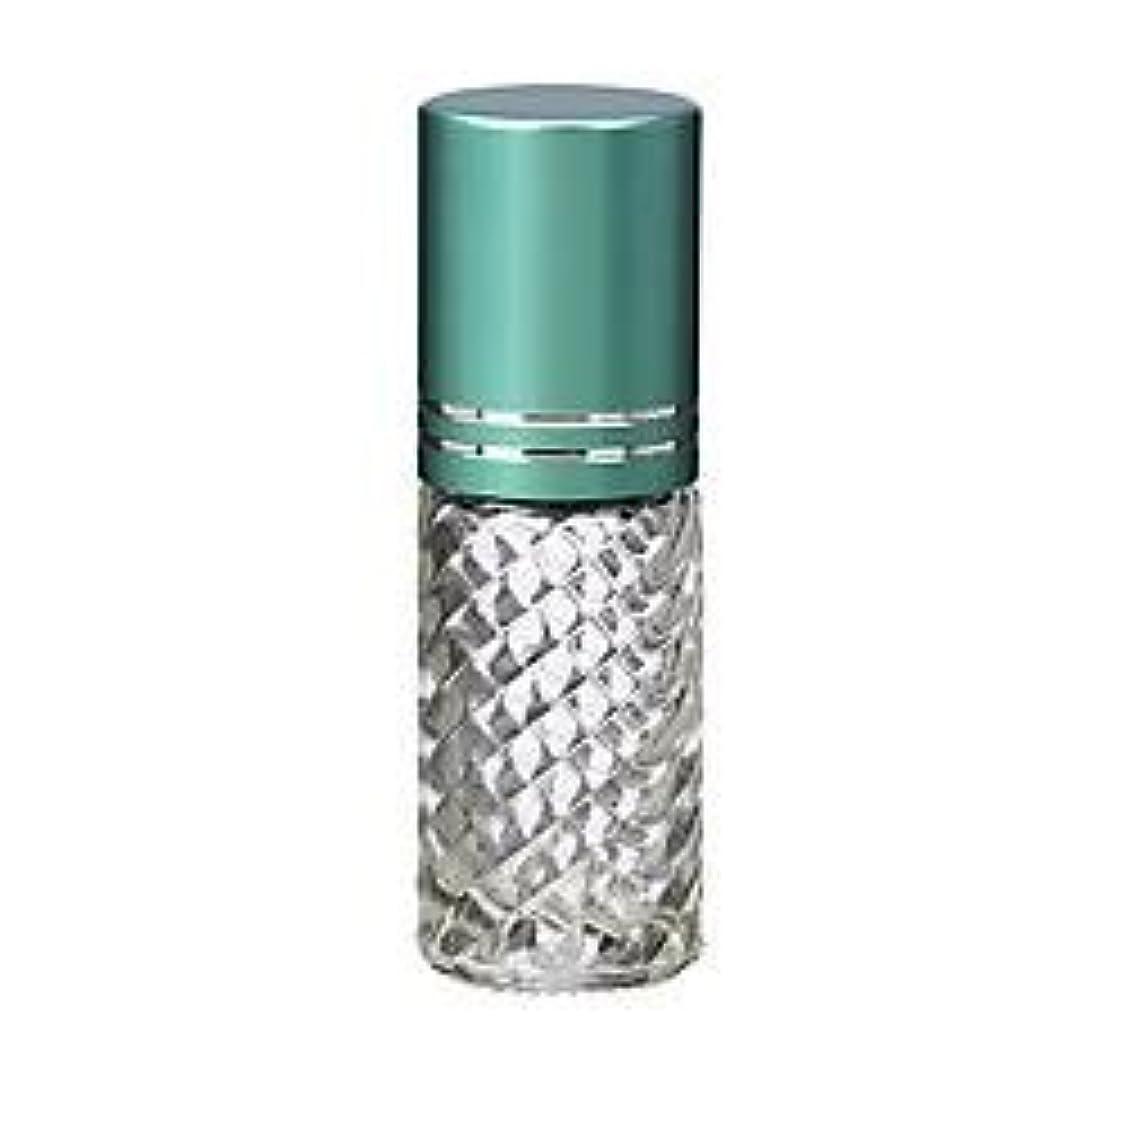 囲む囲む暴動4 Bottles Fancy Large 30ml Roll On Empty Glass Bottles for Essential Oils Refillable 1 Oz Glass Roller Ball Roll-On...